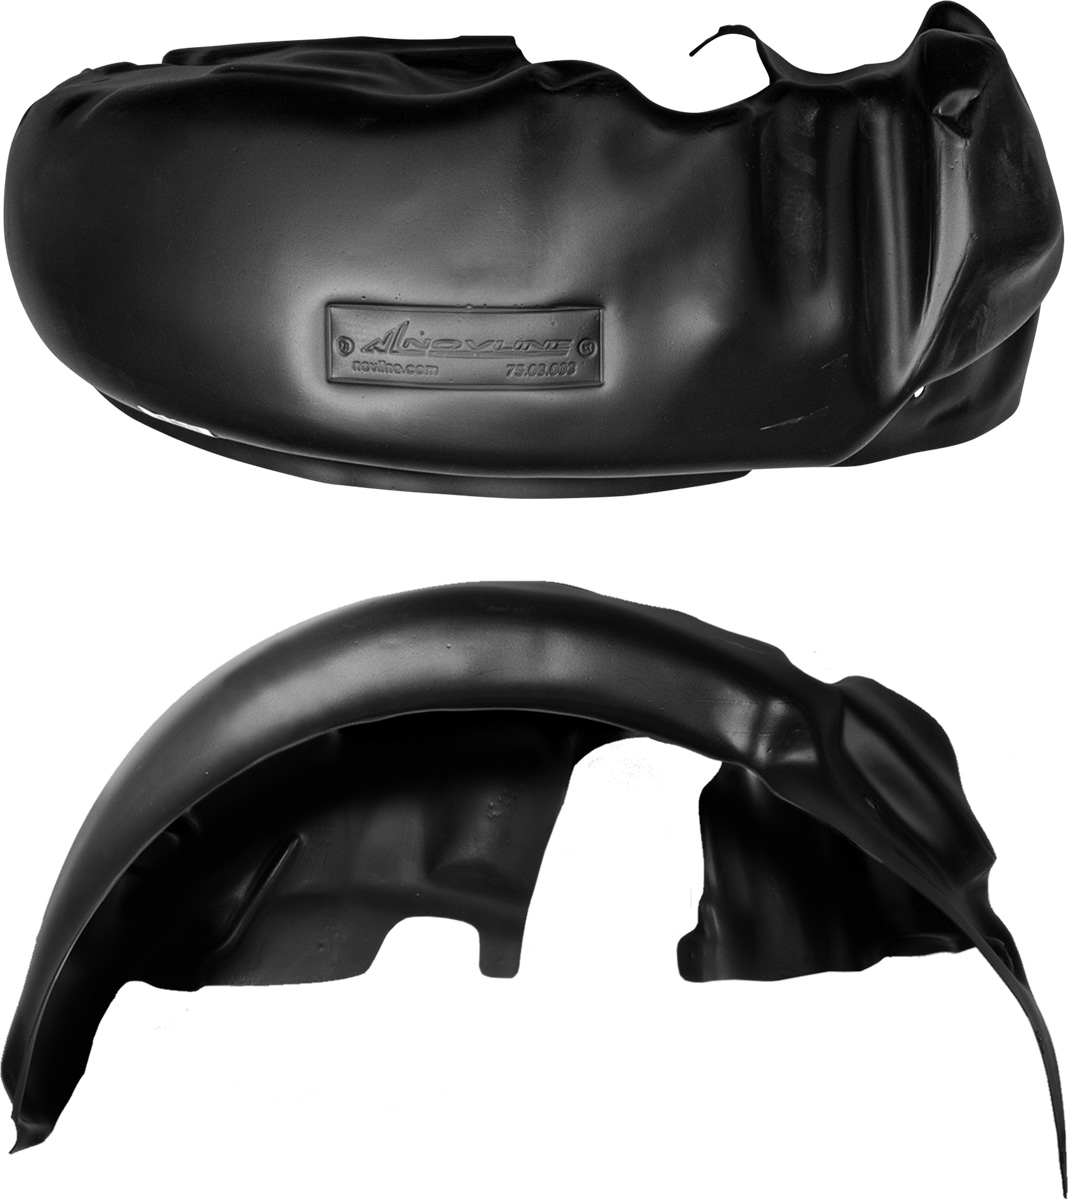 Подкрылок Novline-Autofamily, для Hyundai Solaris, 2014->, седан, передний правыйCLP446Колесные ниши - одни из самых уязвимых зон днища вашего автомобиля. Они постоянно подвергаются воздействию со стороны дороги. Лучшая, почти абсолютная защита для них - специально отформованные пластиковые кожухи, которые называются подкрылками. Производятся они как для отечественных моделей автомобилей, так и для иномарок. Подкрылки Novline-Autofamily выполнены из высококачественного, экологически чистого пластика. Обеспечивают надежную защиту кузова автомобиля от пескоструйного эффекта и негативного влияния, агрессивных антигололедных реагентов. Пластик обладает более низкой теплопроводностью, чем металл, поэтому в зимний период эксплуатации использование пластиковых подкрылков позволяет лучше защитить колесные ниши от налипания снега и образования наледи. Оригинальность конструкции подчеркивает элегантность автомобиля, бережно защищает нанесенное на днище кузова антикоррозийное покрытие и позволяет осуществить крепление подкрылков внутри колесной арки практически без дополнительного крепежа и сверления, не нарушая при этом лакокрасочного покрытия, что предотвращает возникновение новых очагов коррозии. Подкрылки долговечны, обладают высокой прочностью и сохраняют заданную форму, а также все свои физико-механические характеристики в самых тяжелых климатических условиях (от -50°С до +50°С).Уважаемые клиенты!Обращаем ваше внимание, на тот факт, что подкрылок имеет форму, соответствующую модели данного автомобиля. Фото служит для визуального восприятия товара.